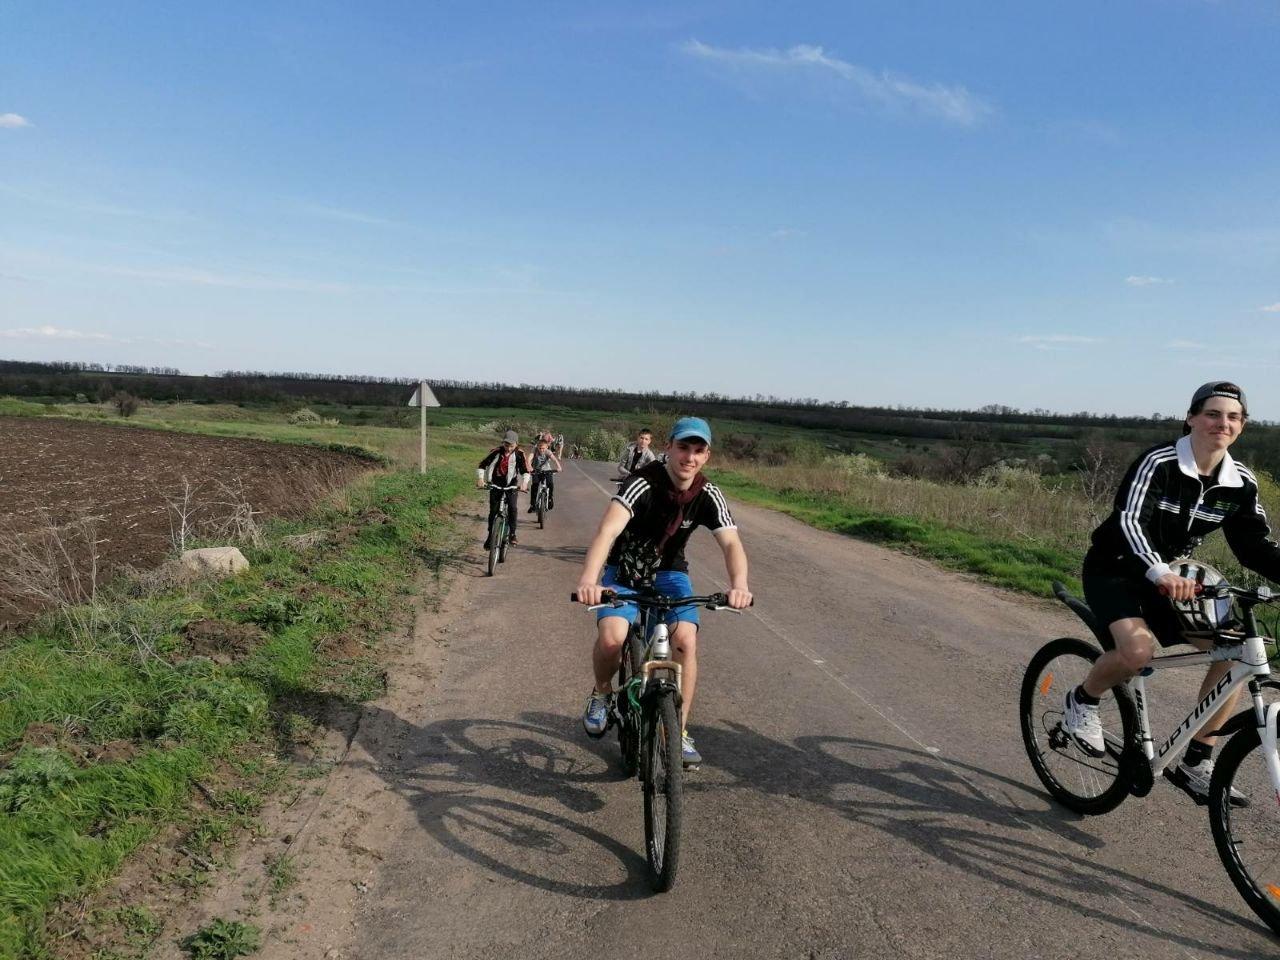 Cостоялся велозаезд спортсменов в Новогродовской громаде, фото-3